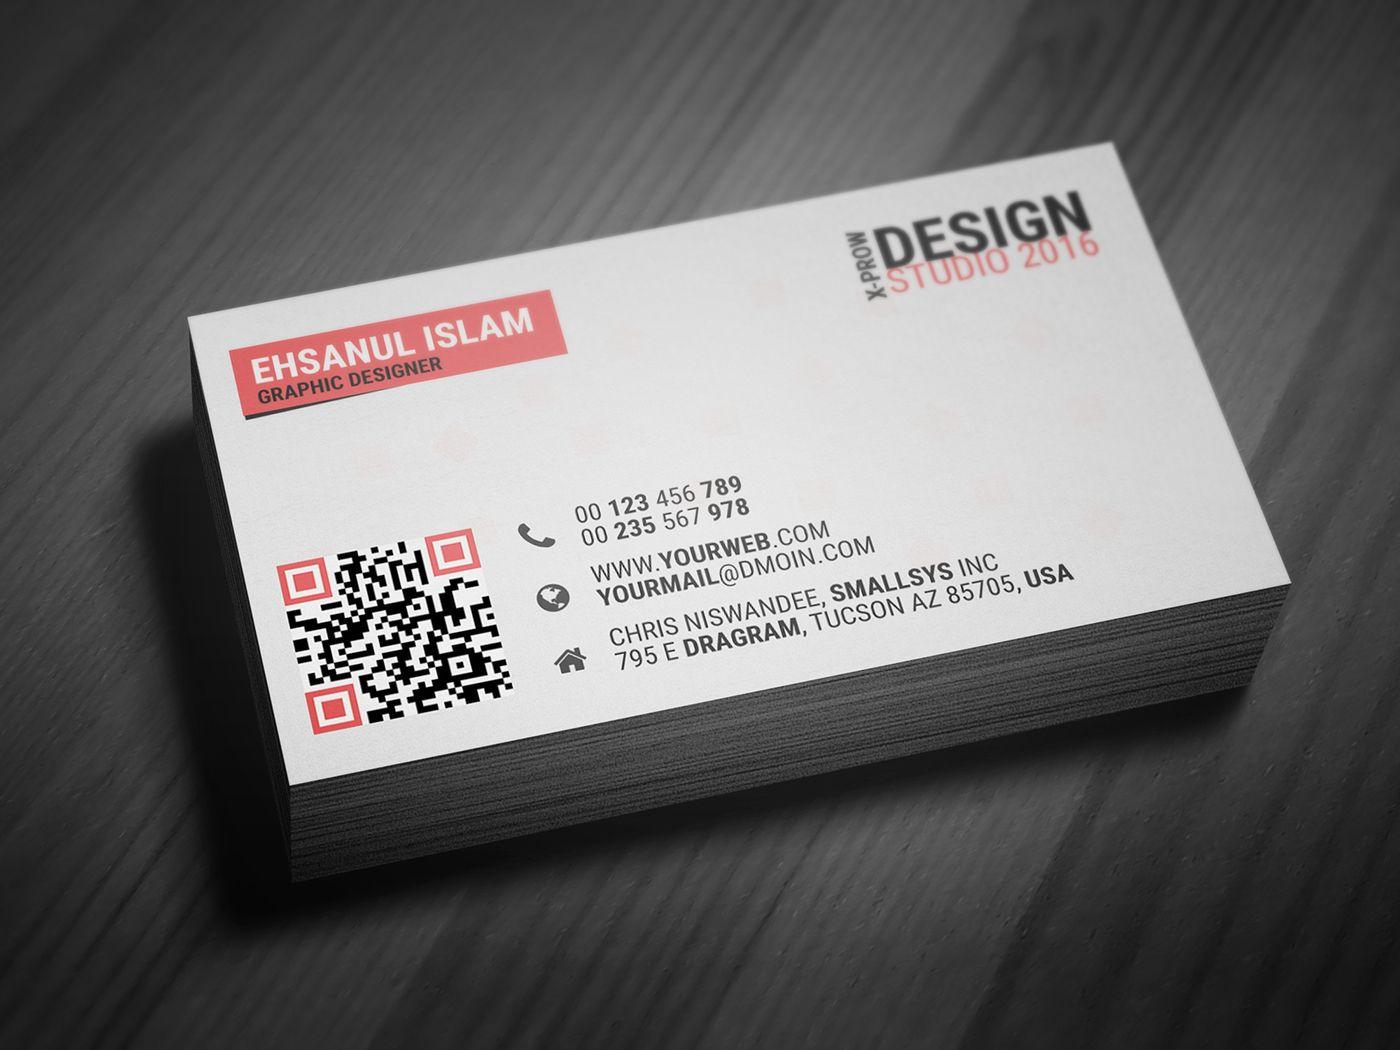 Creative business card template 35x2 inc 025 bleeds cmyk color creative business card template 35x2 inc 025 bleeds cmyk color mood print colourmoves